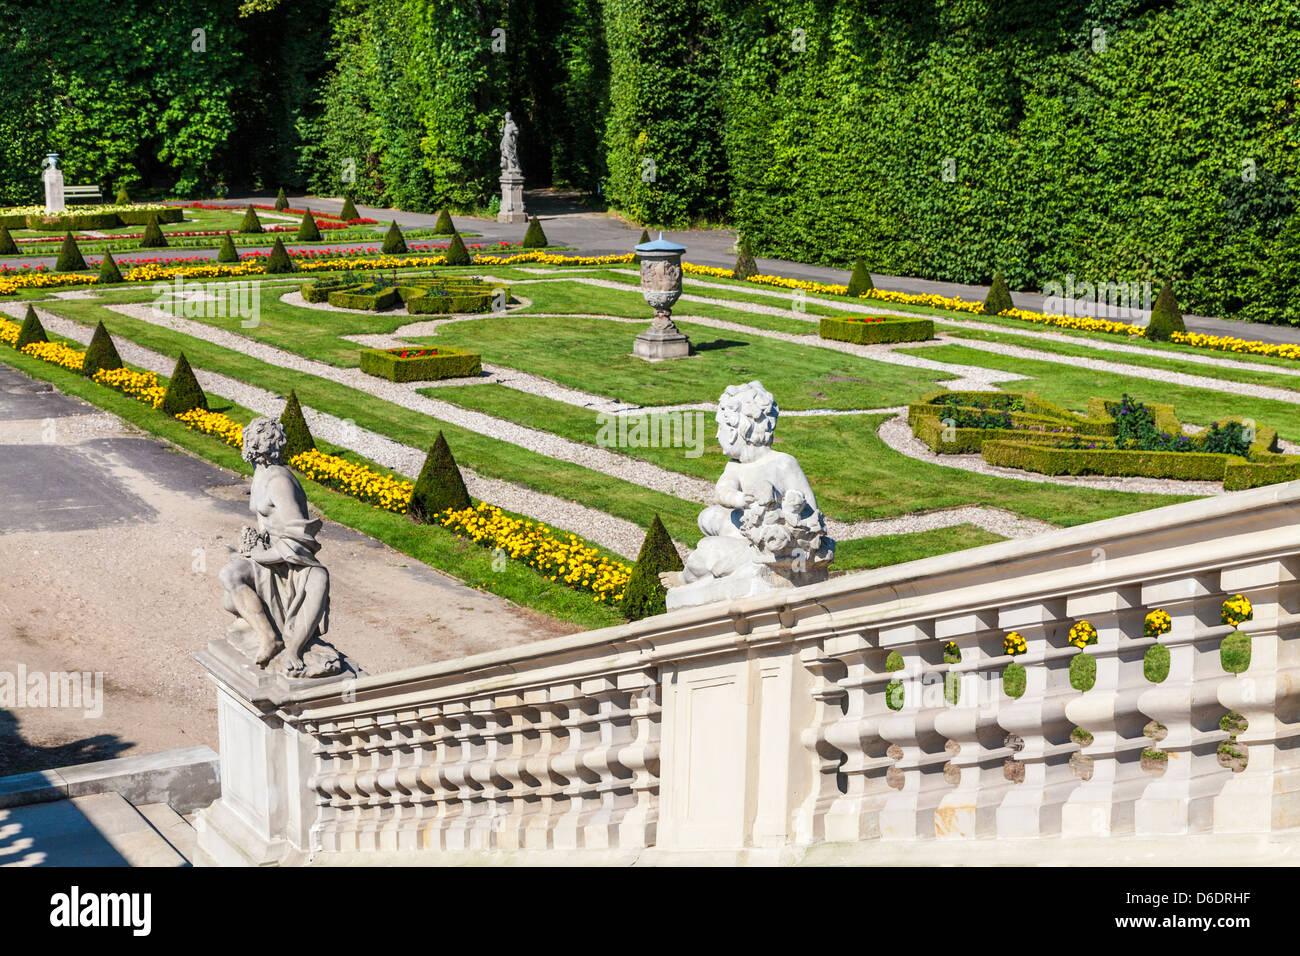 https www alamyimages fr photo image un coin des jardins a la francaise du 17eme siecle palais royal de wilanow a varsovie pologne 55622939 html